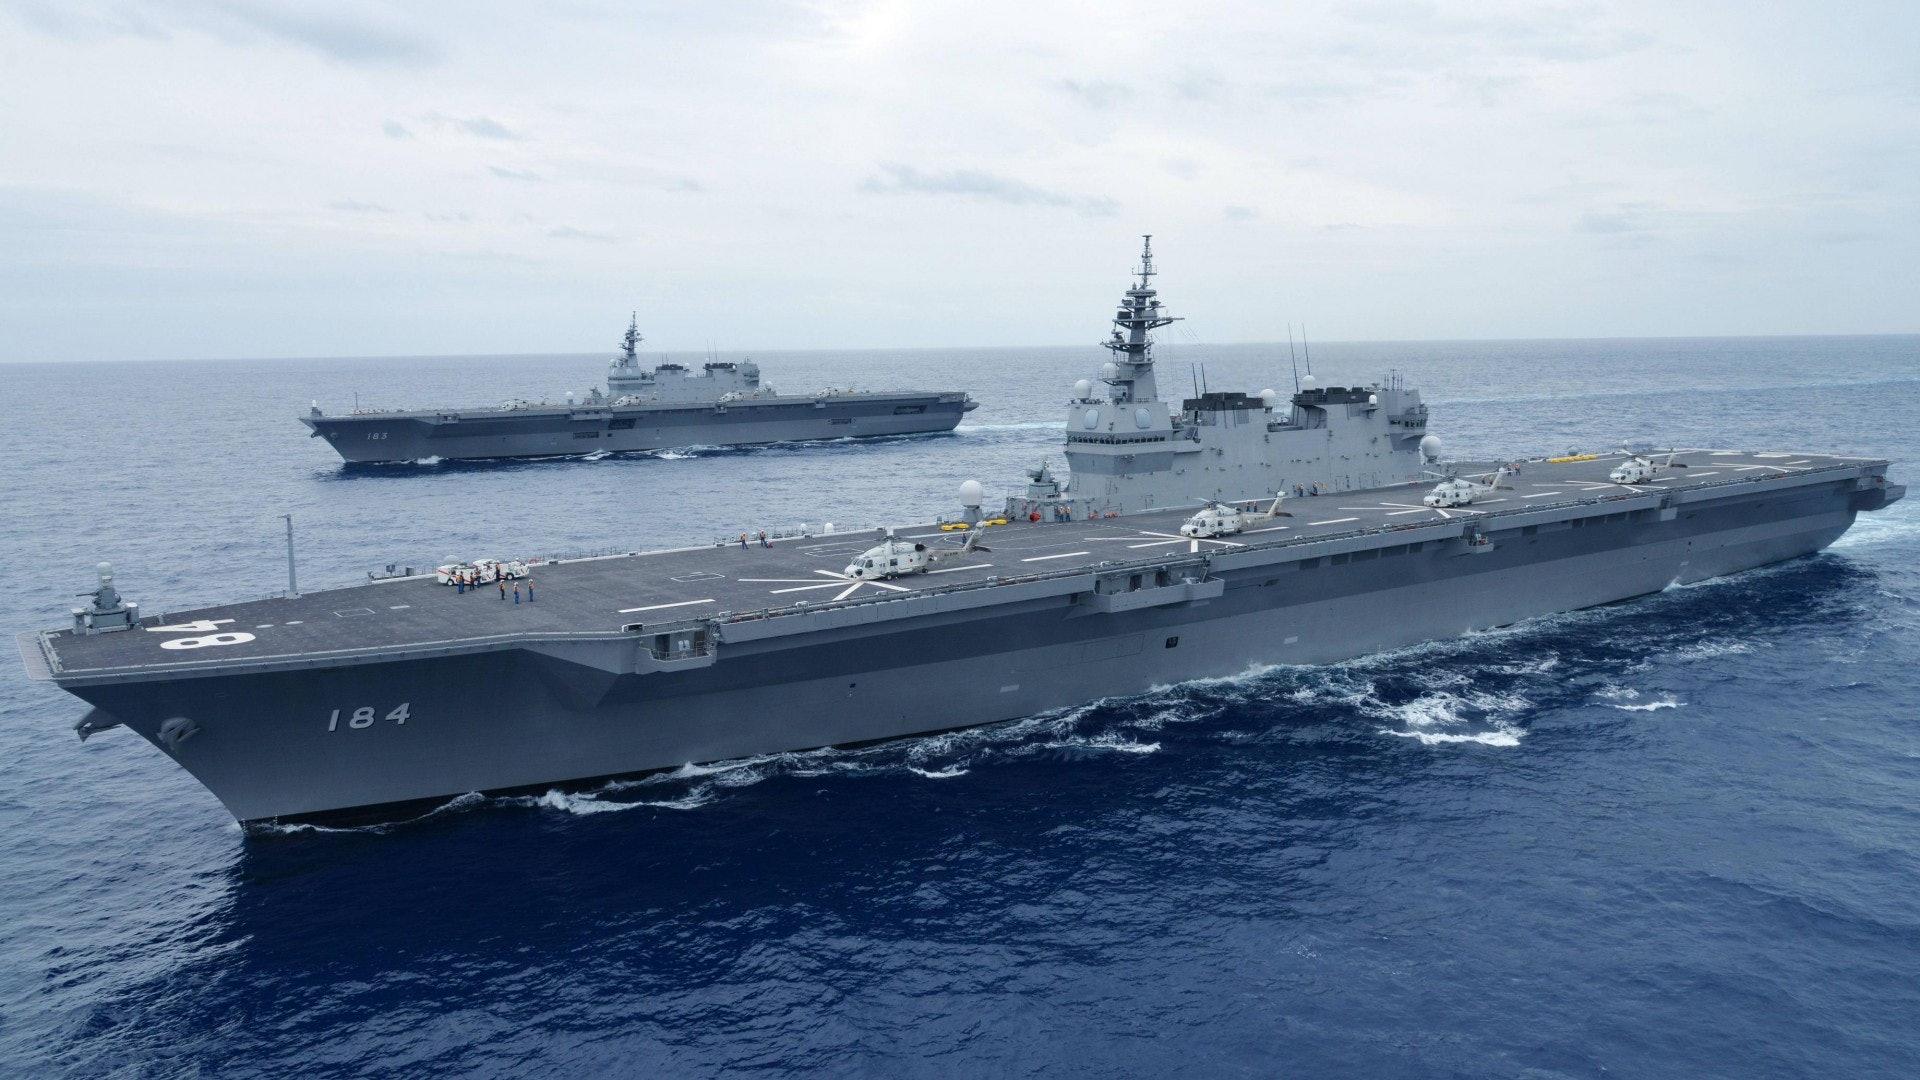 特朗普登日本護衛艦加賀號改裝後可搭載f 35戰機 香港01 即時國際